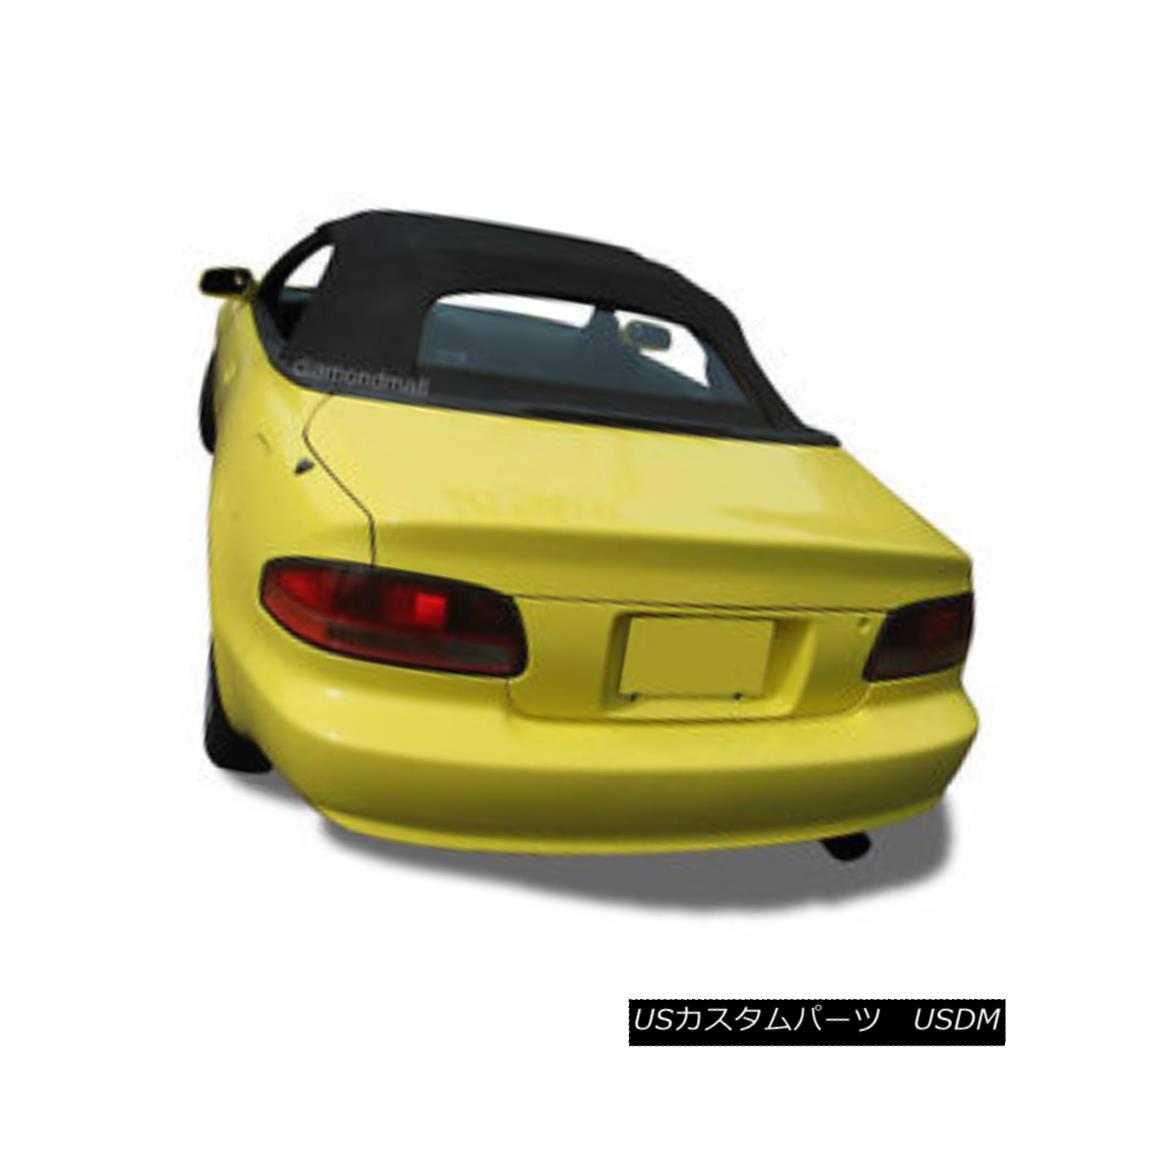 幌・ソフトトップ NEW Toyota Celica Convertible Soft Top & Plastic window 1995-2001 Black Pinpoint NEWトヨタセリカのソフトトップ& プラスチック製の窓1995-2001 Black Pinpoint